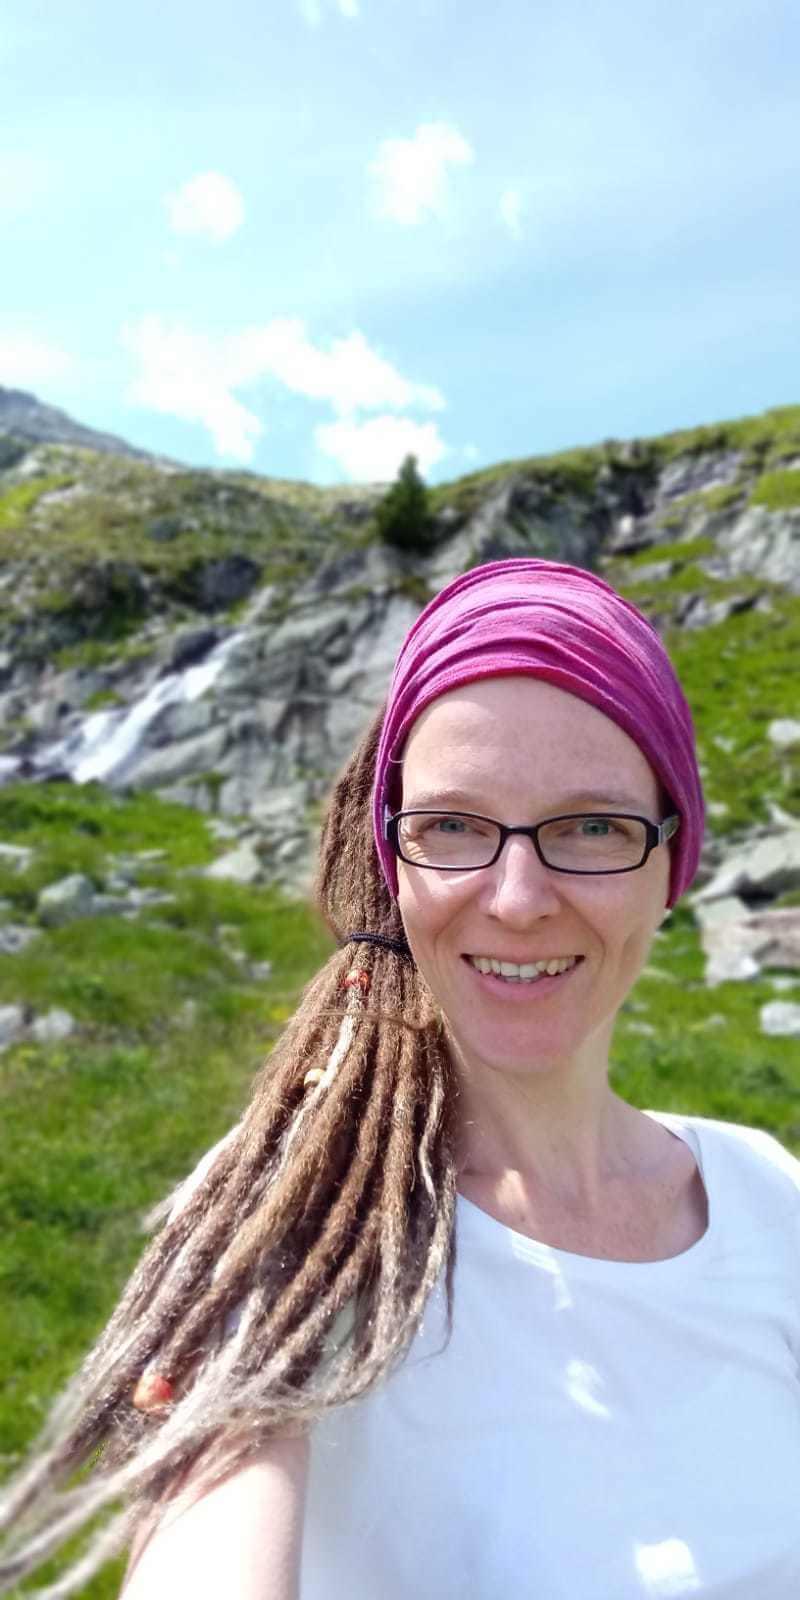 Iris Schwaigerlehner